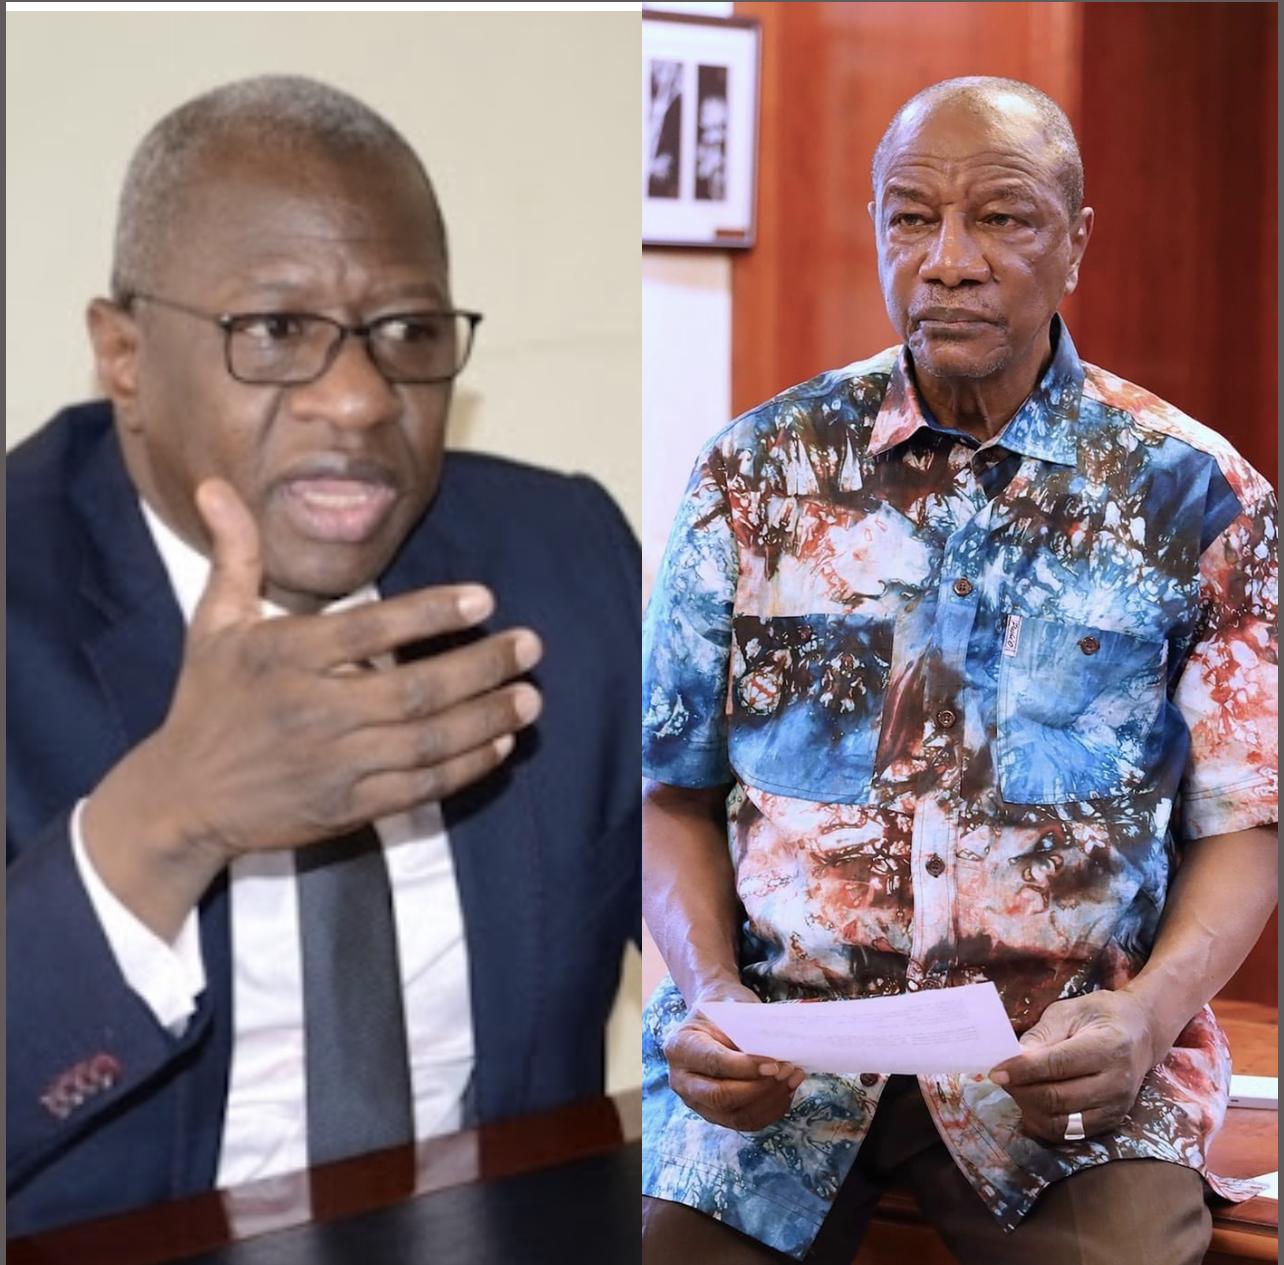 Me Mamadou Ismaïla Konaté à Alpha Condé : « Êtes-vous devenu celui qui mènera la Guinée vers l'abîme ? »